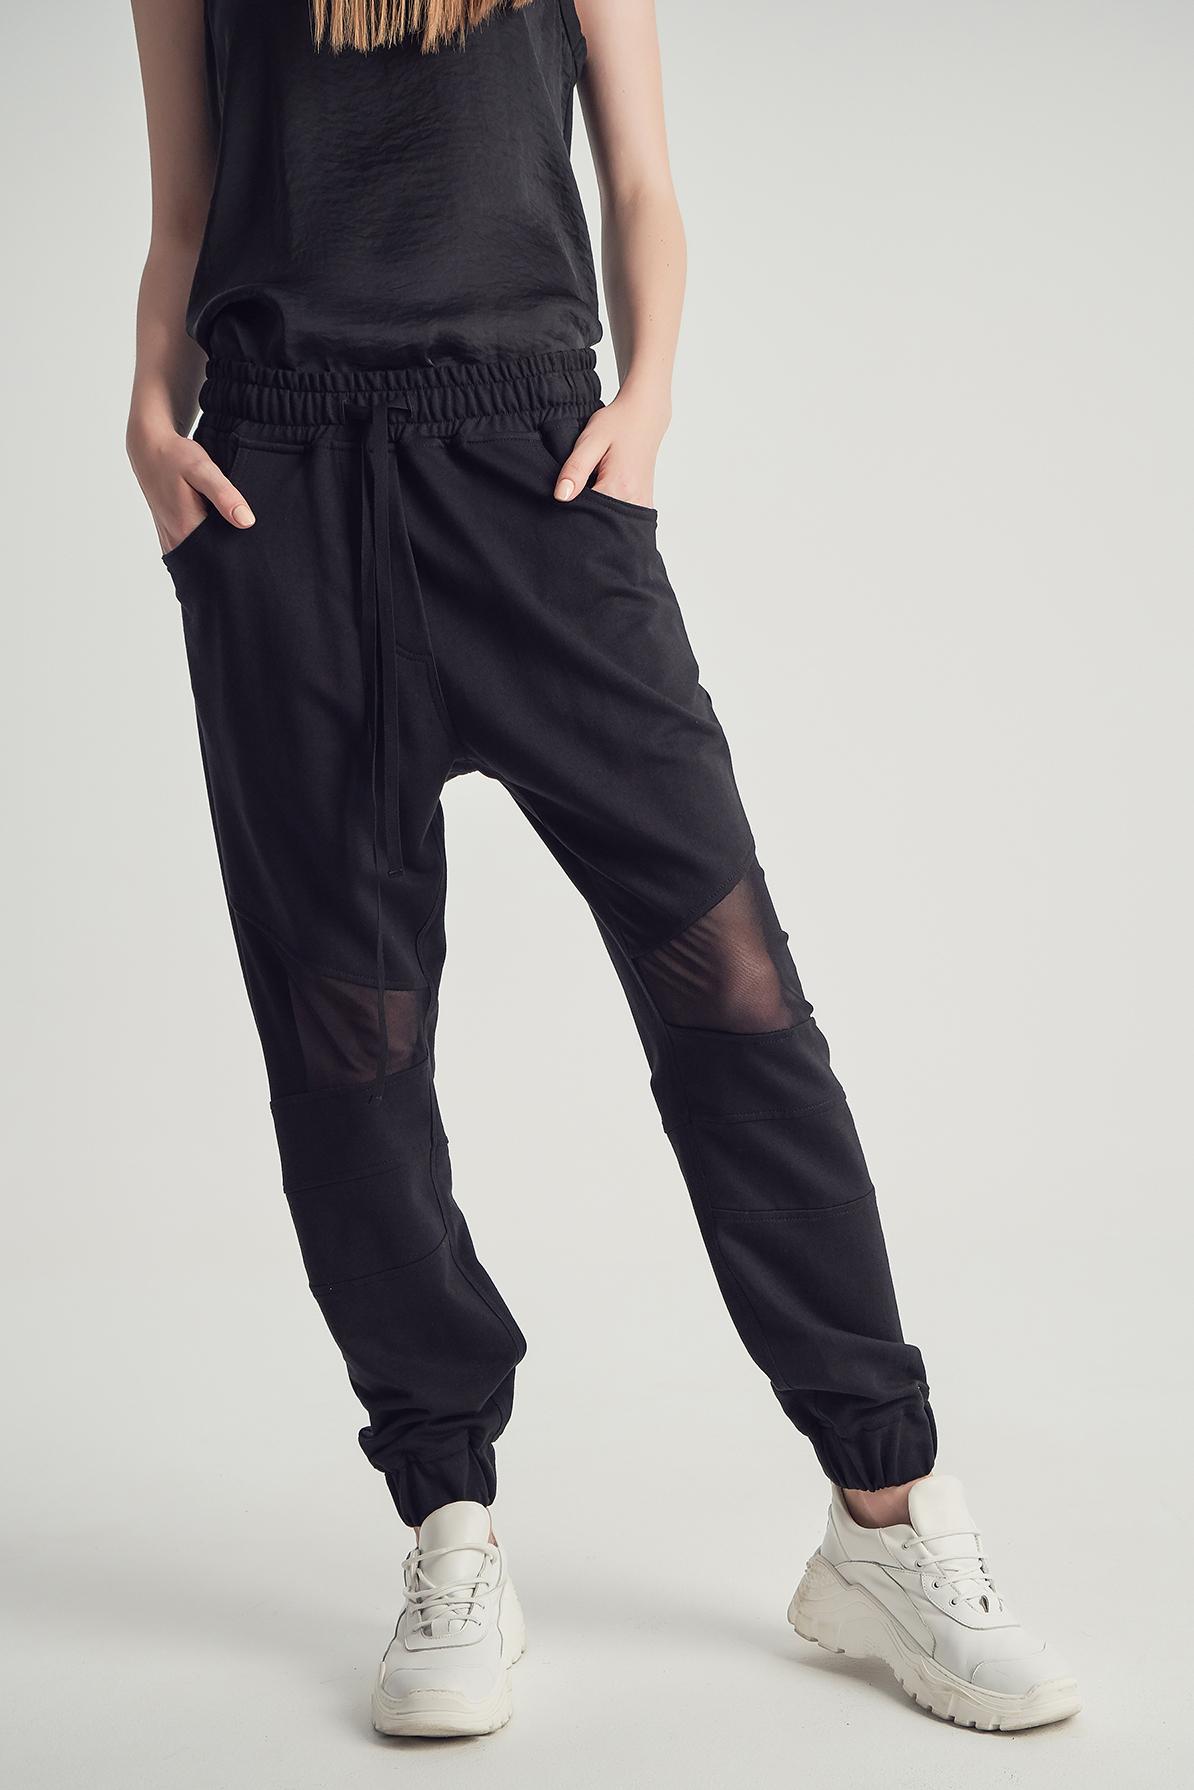 Pantaloni SeethroughCut